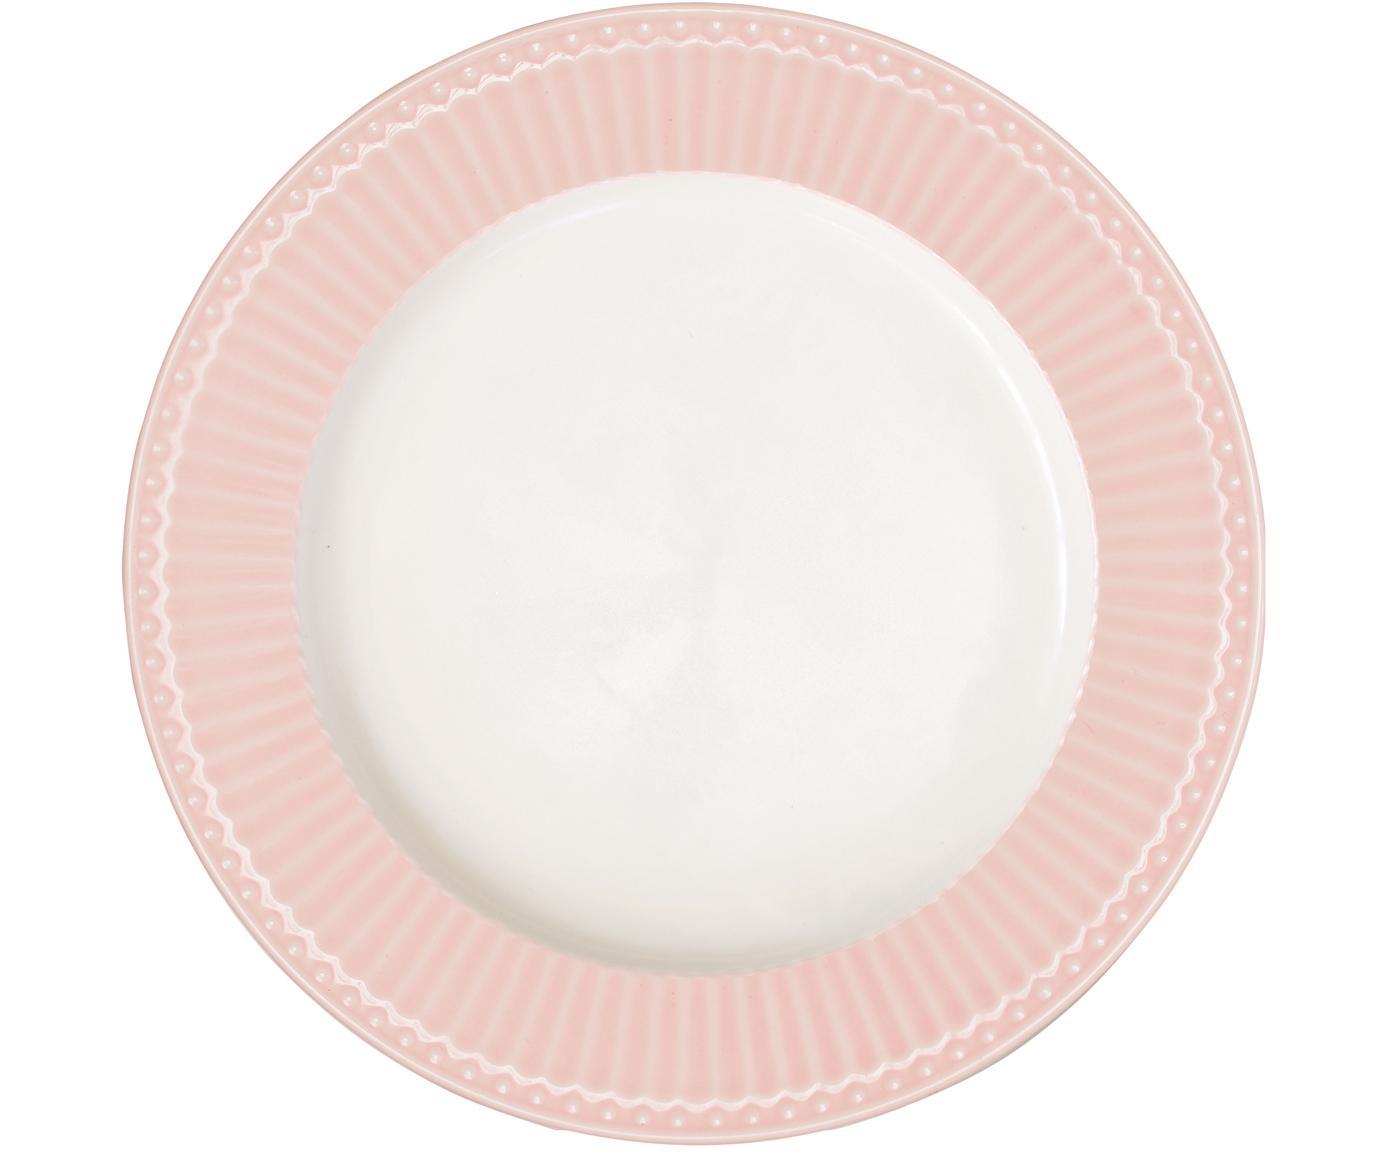 Piatto piano Alice 2 pz, Porcellana, Rosa, bianco, Ø 27 cm